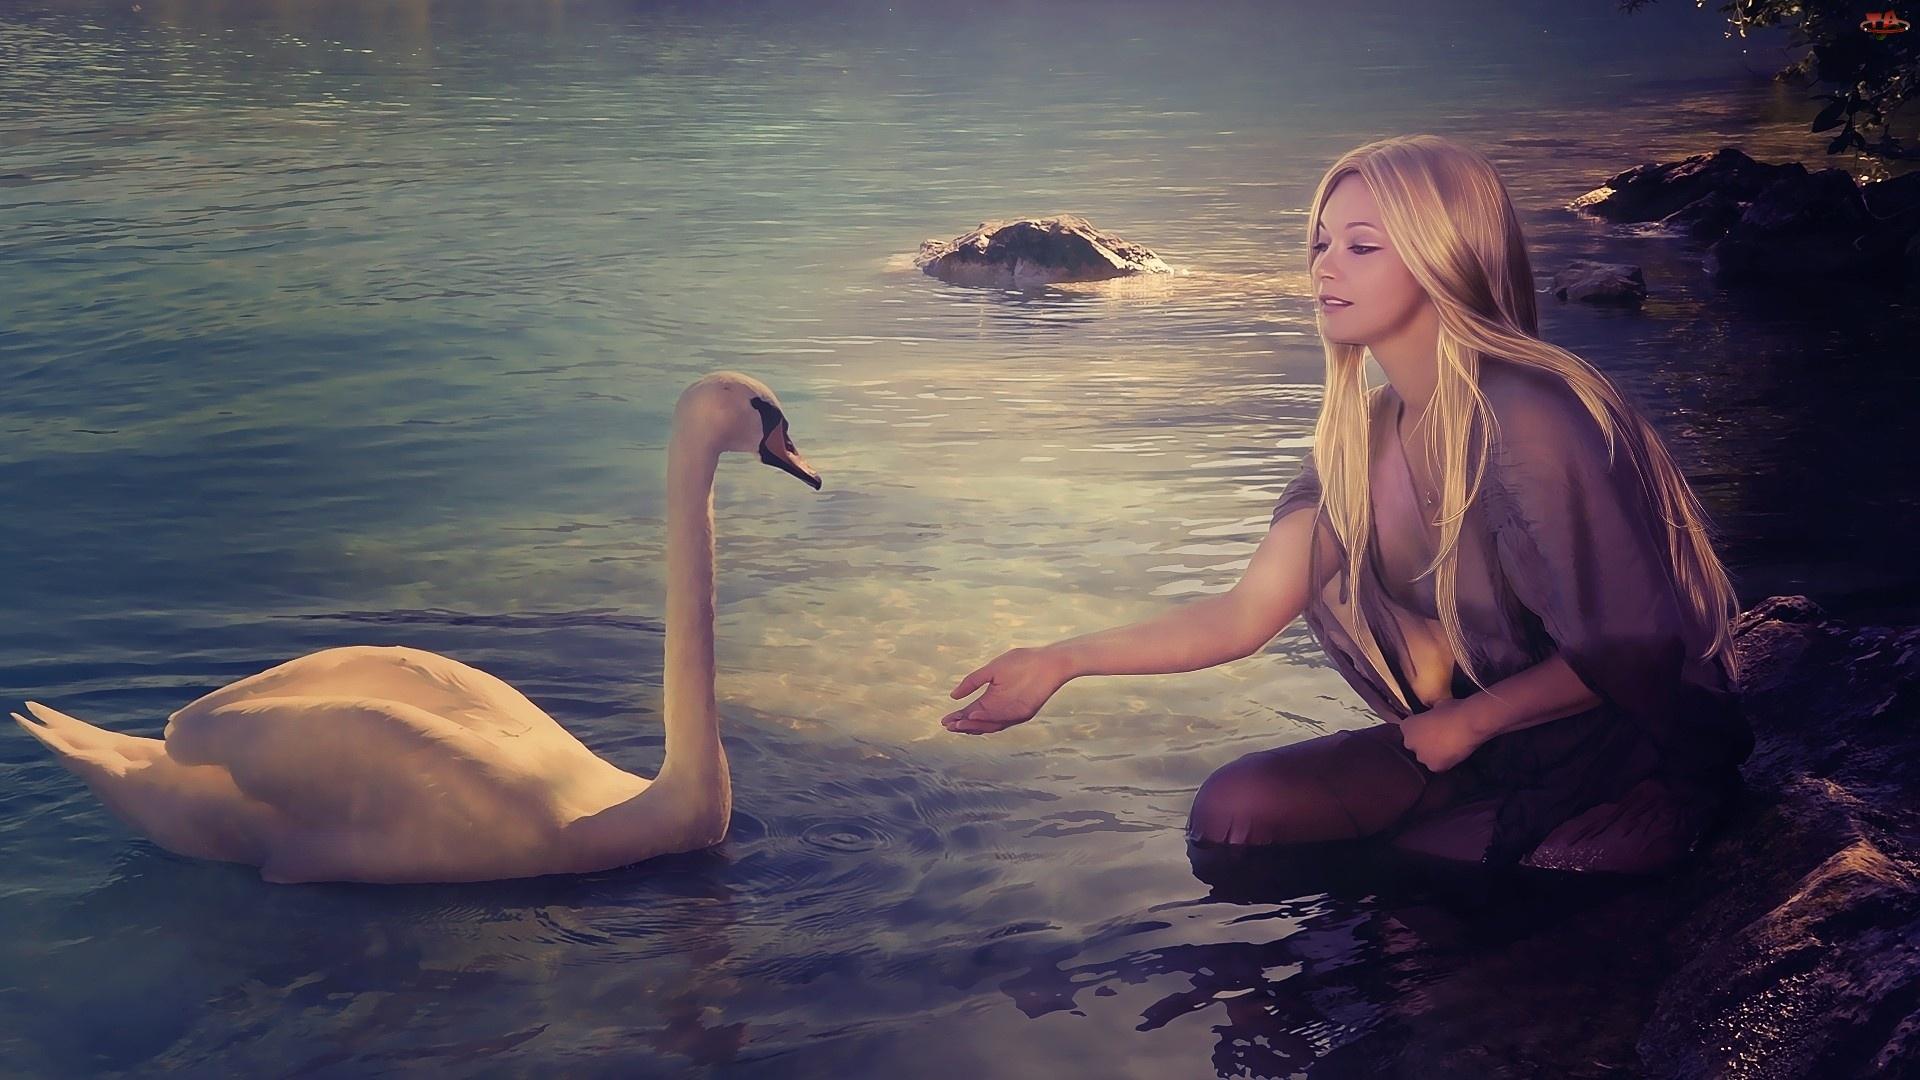 Łabędź, Kobieta, Blondynka